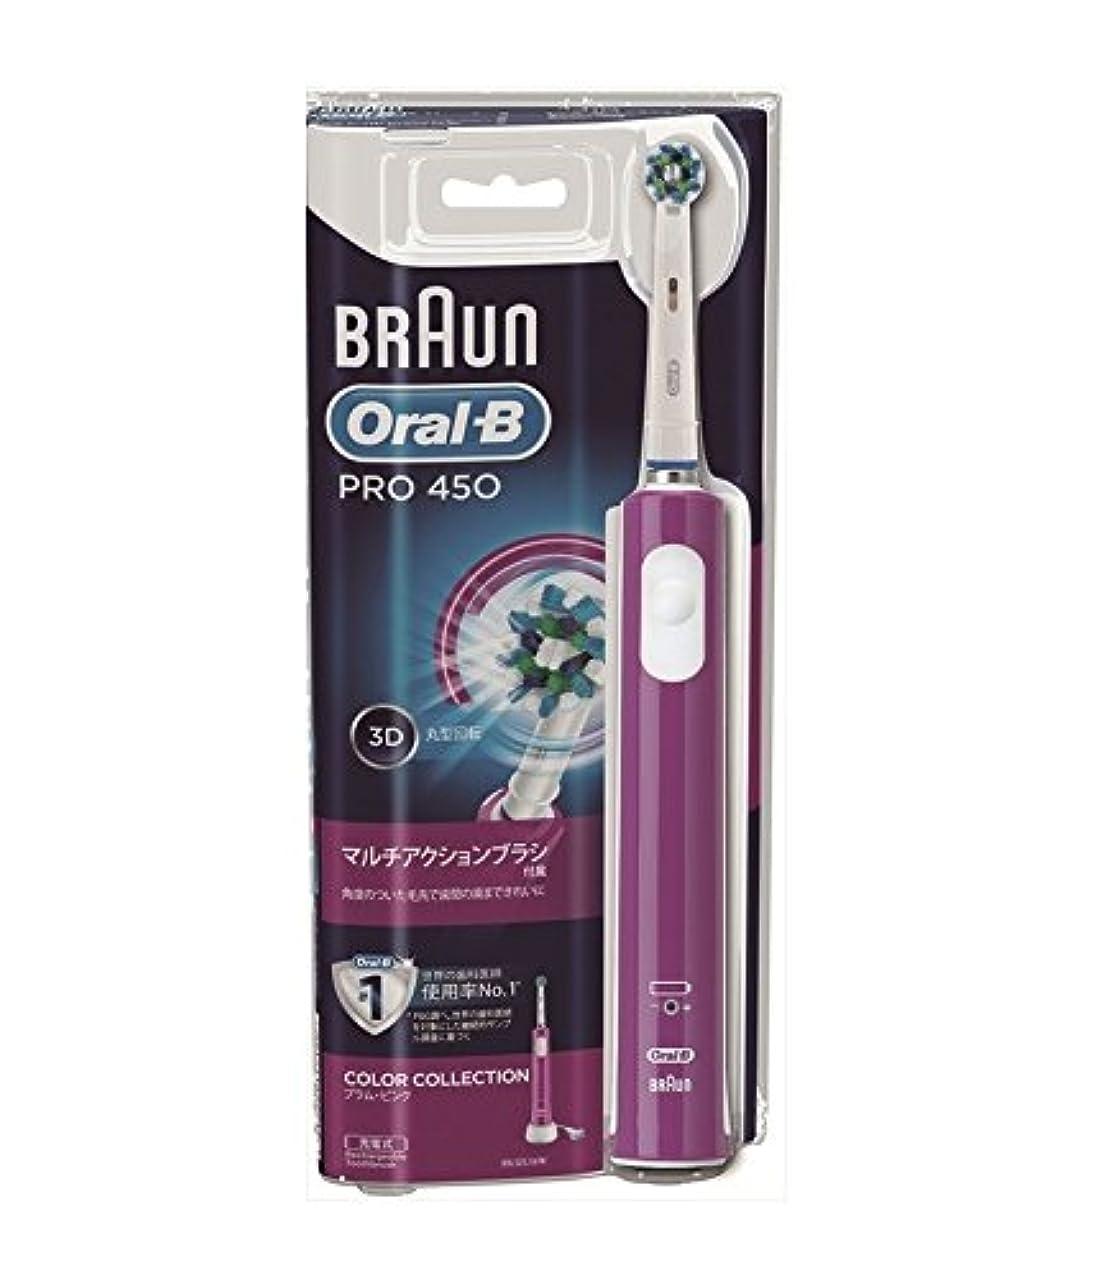 船酔い意図的ナビゲーションブラウン オーラルB 電動歯ブラシ PRO450 プラムピンク